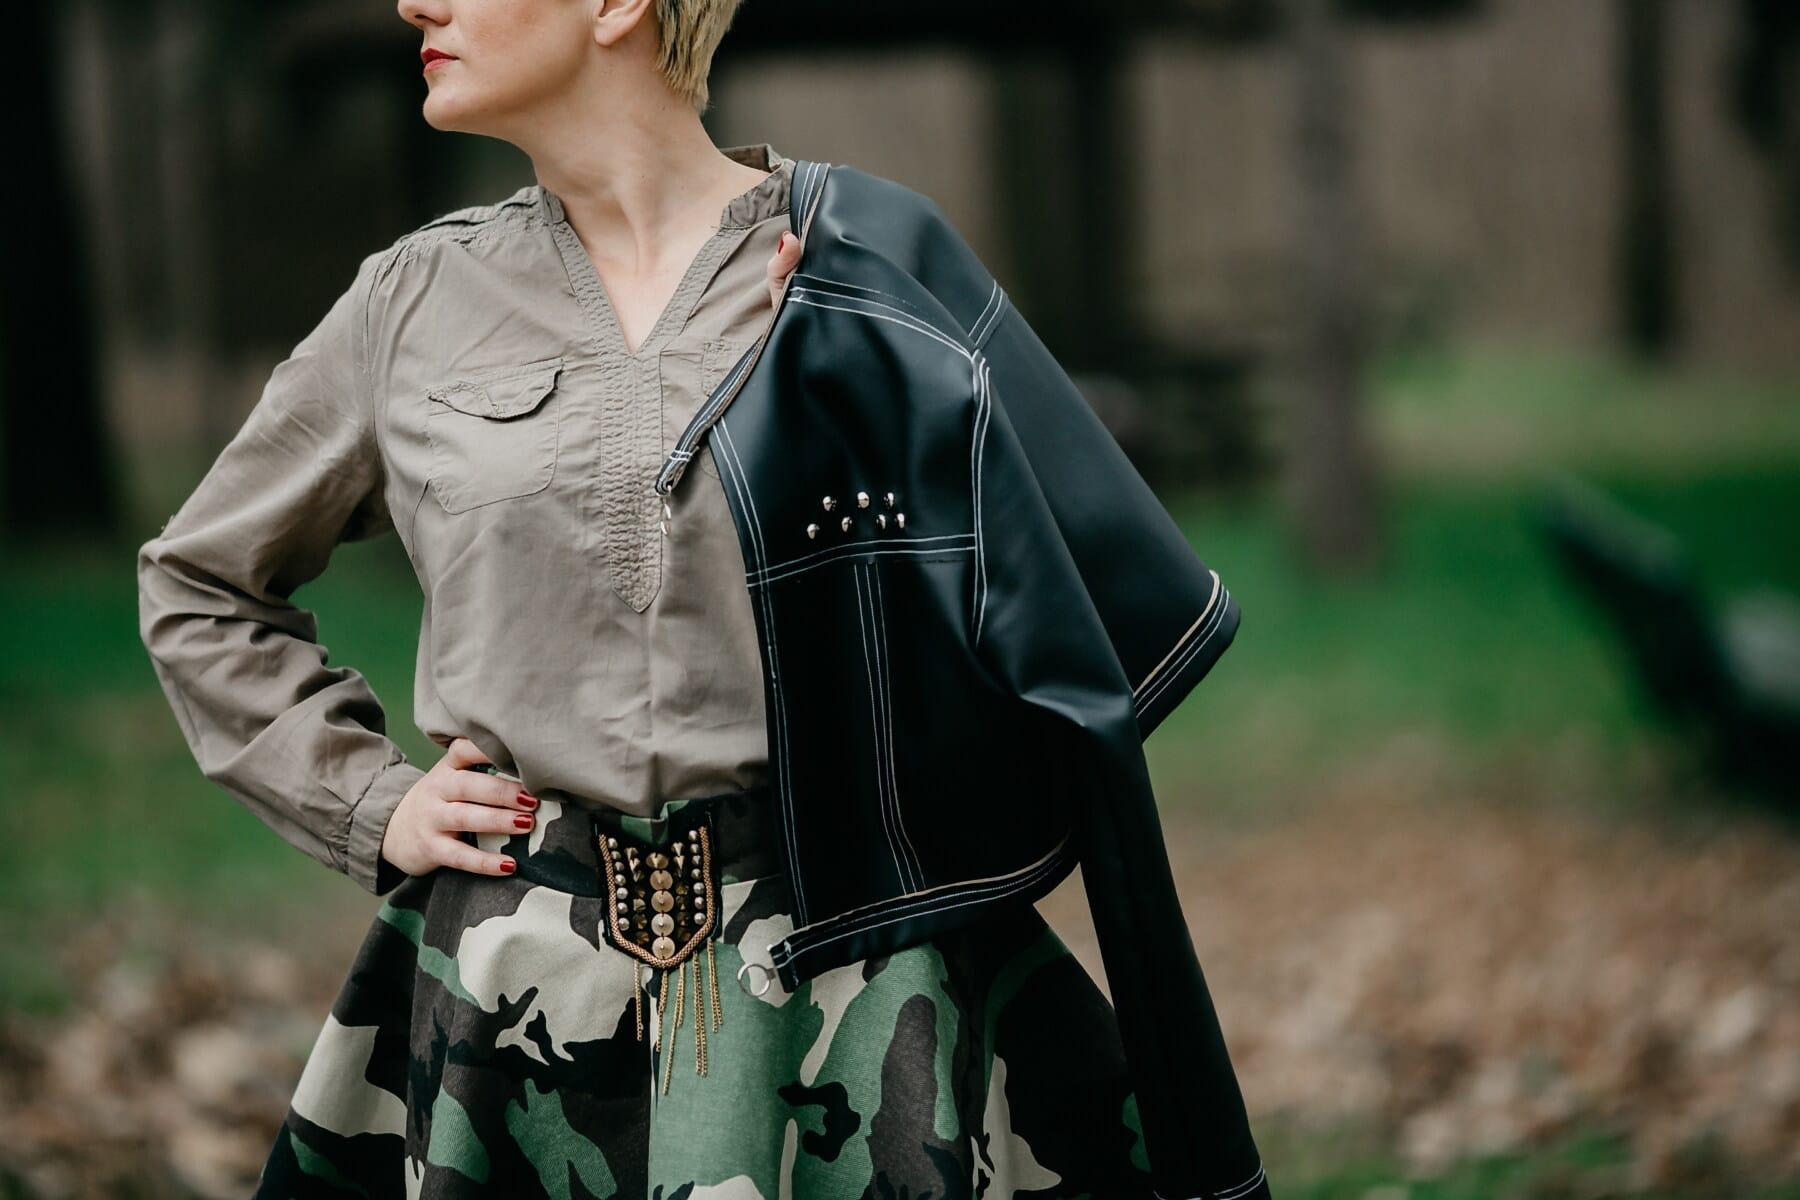 diseño, militar, traje, moda, cuero, chaqueta, vestido, mujer joven, estilo libre, mujer